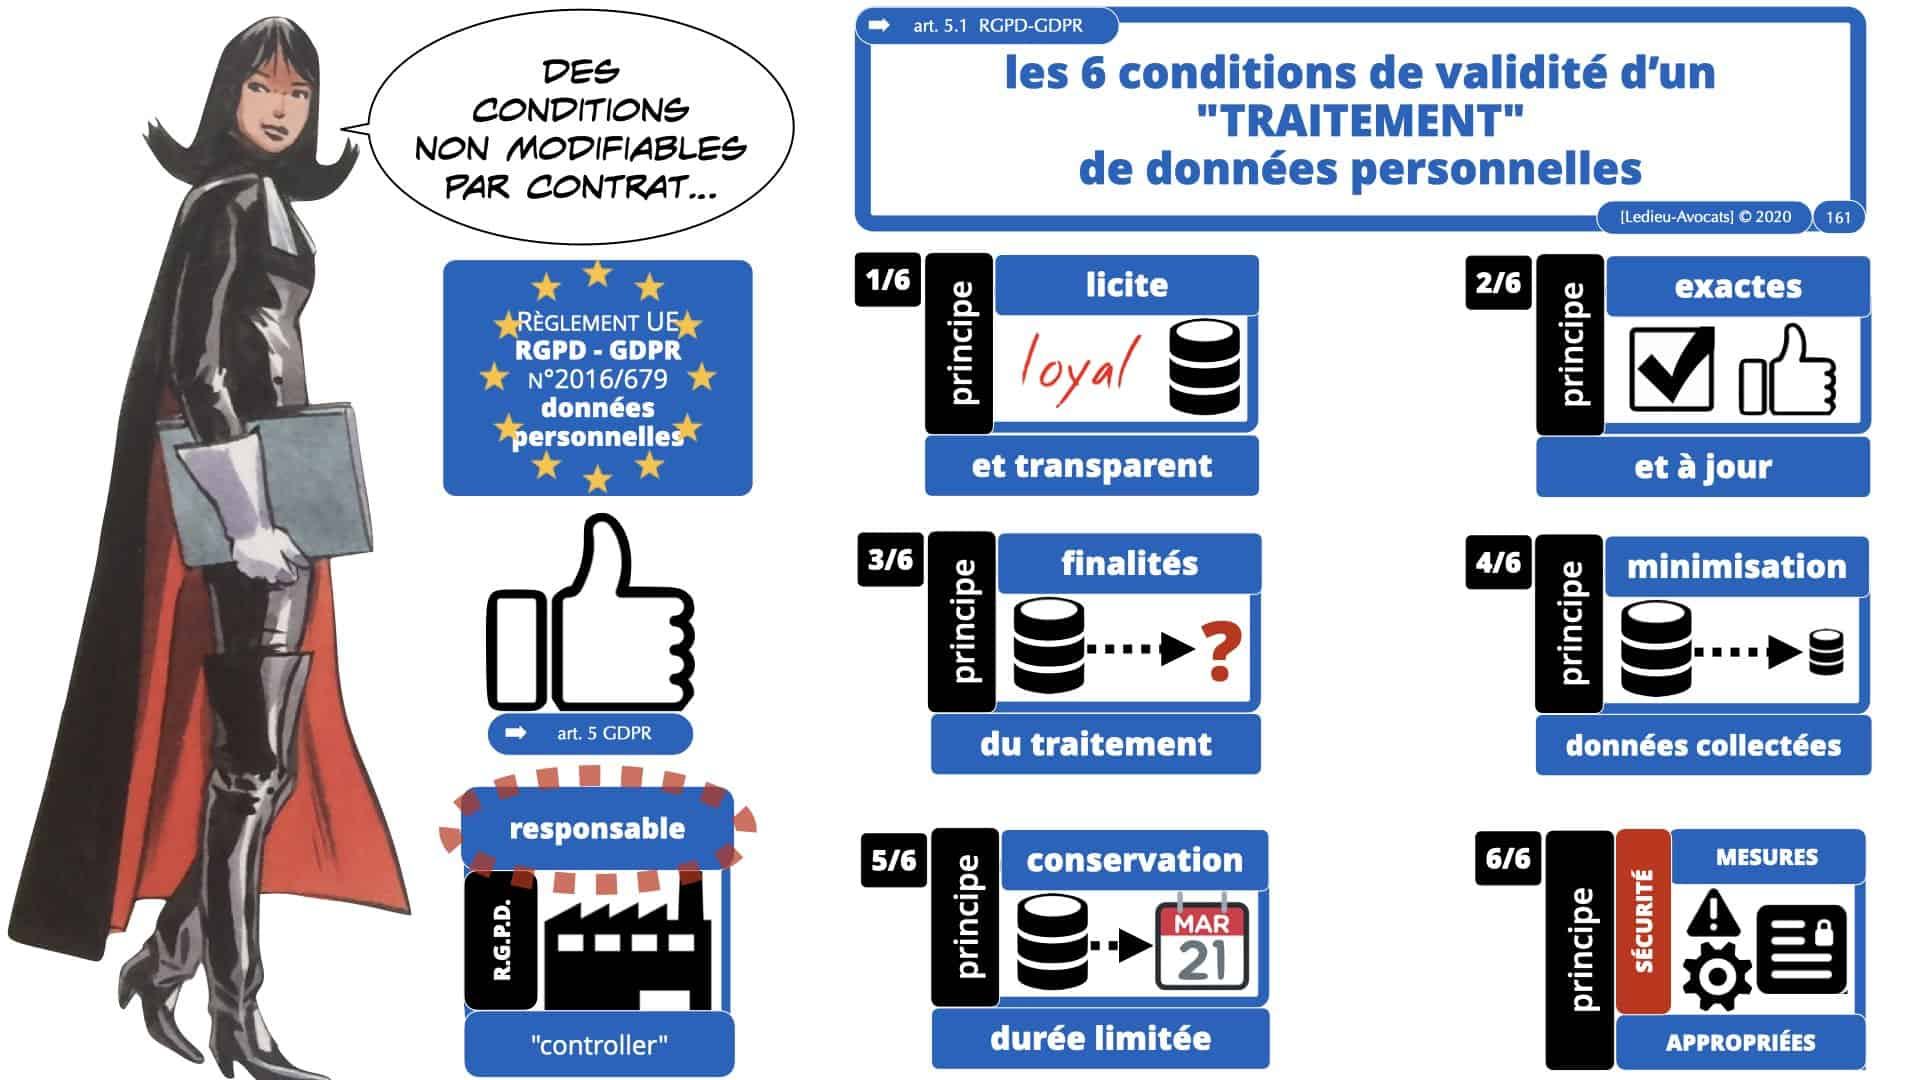 RGPD e-Privacy données personnelles jurisprudence formation Lamy Les Echos 10-02-2021 ©Ledieu-Avocats.161